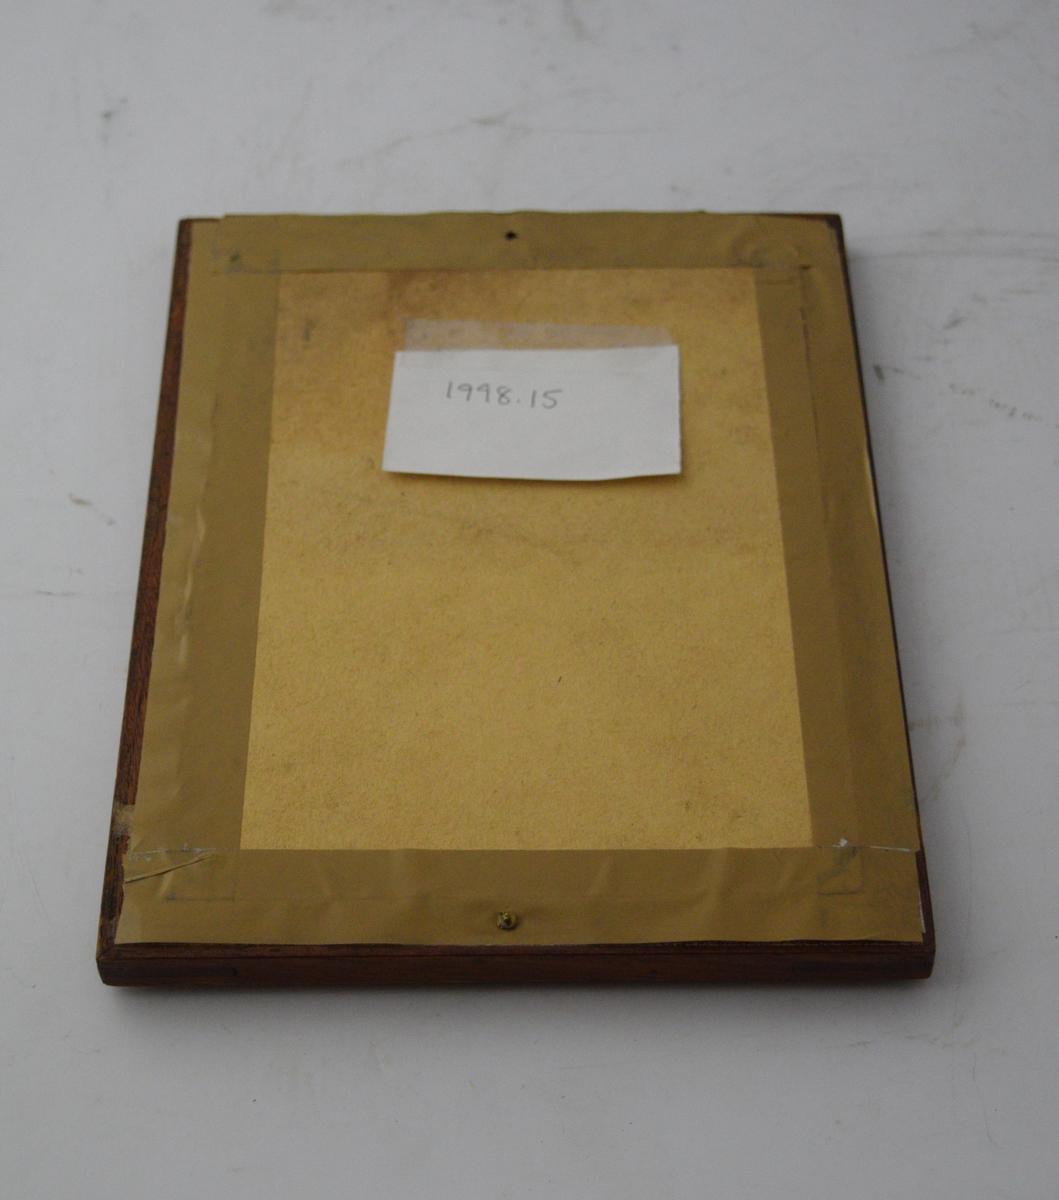 Brev i ramme. Håndskrevet på trykket form (form 902a). Ramme av tre med glass. Skrue i nedre rammelist.